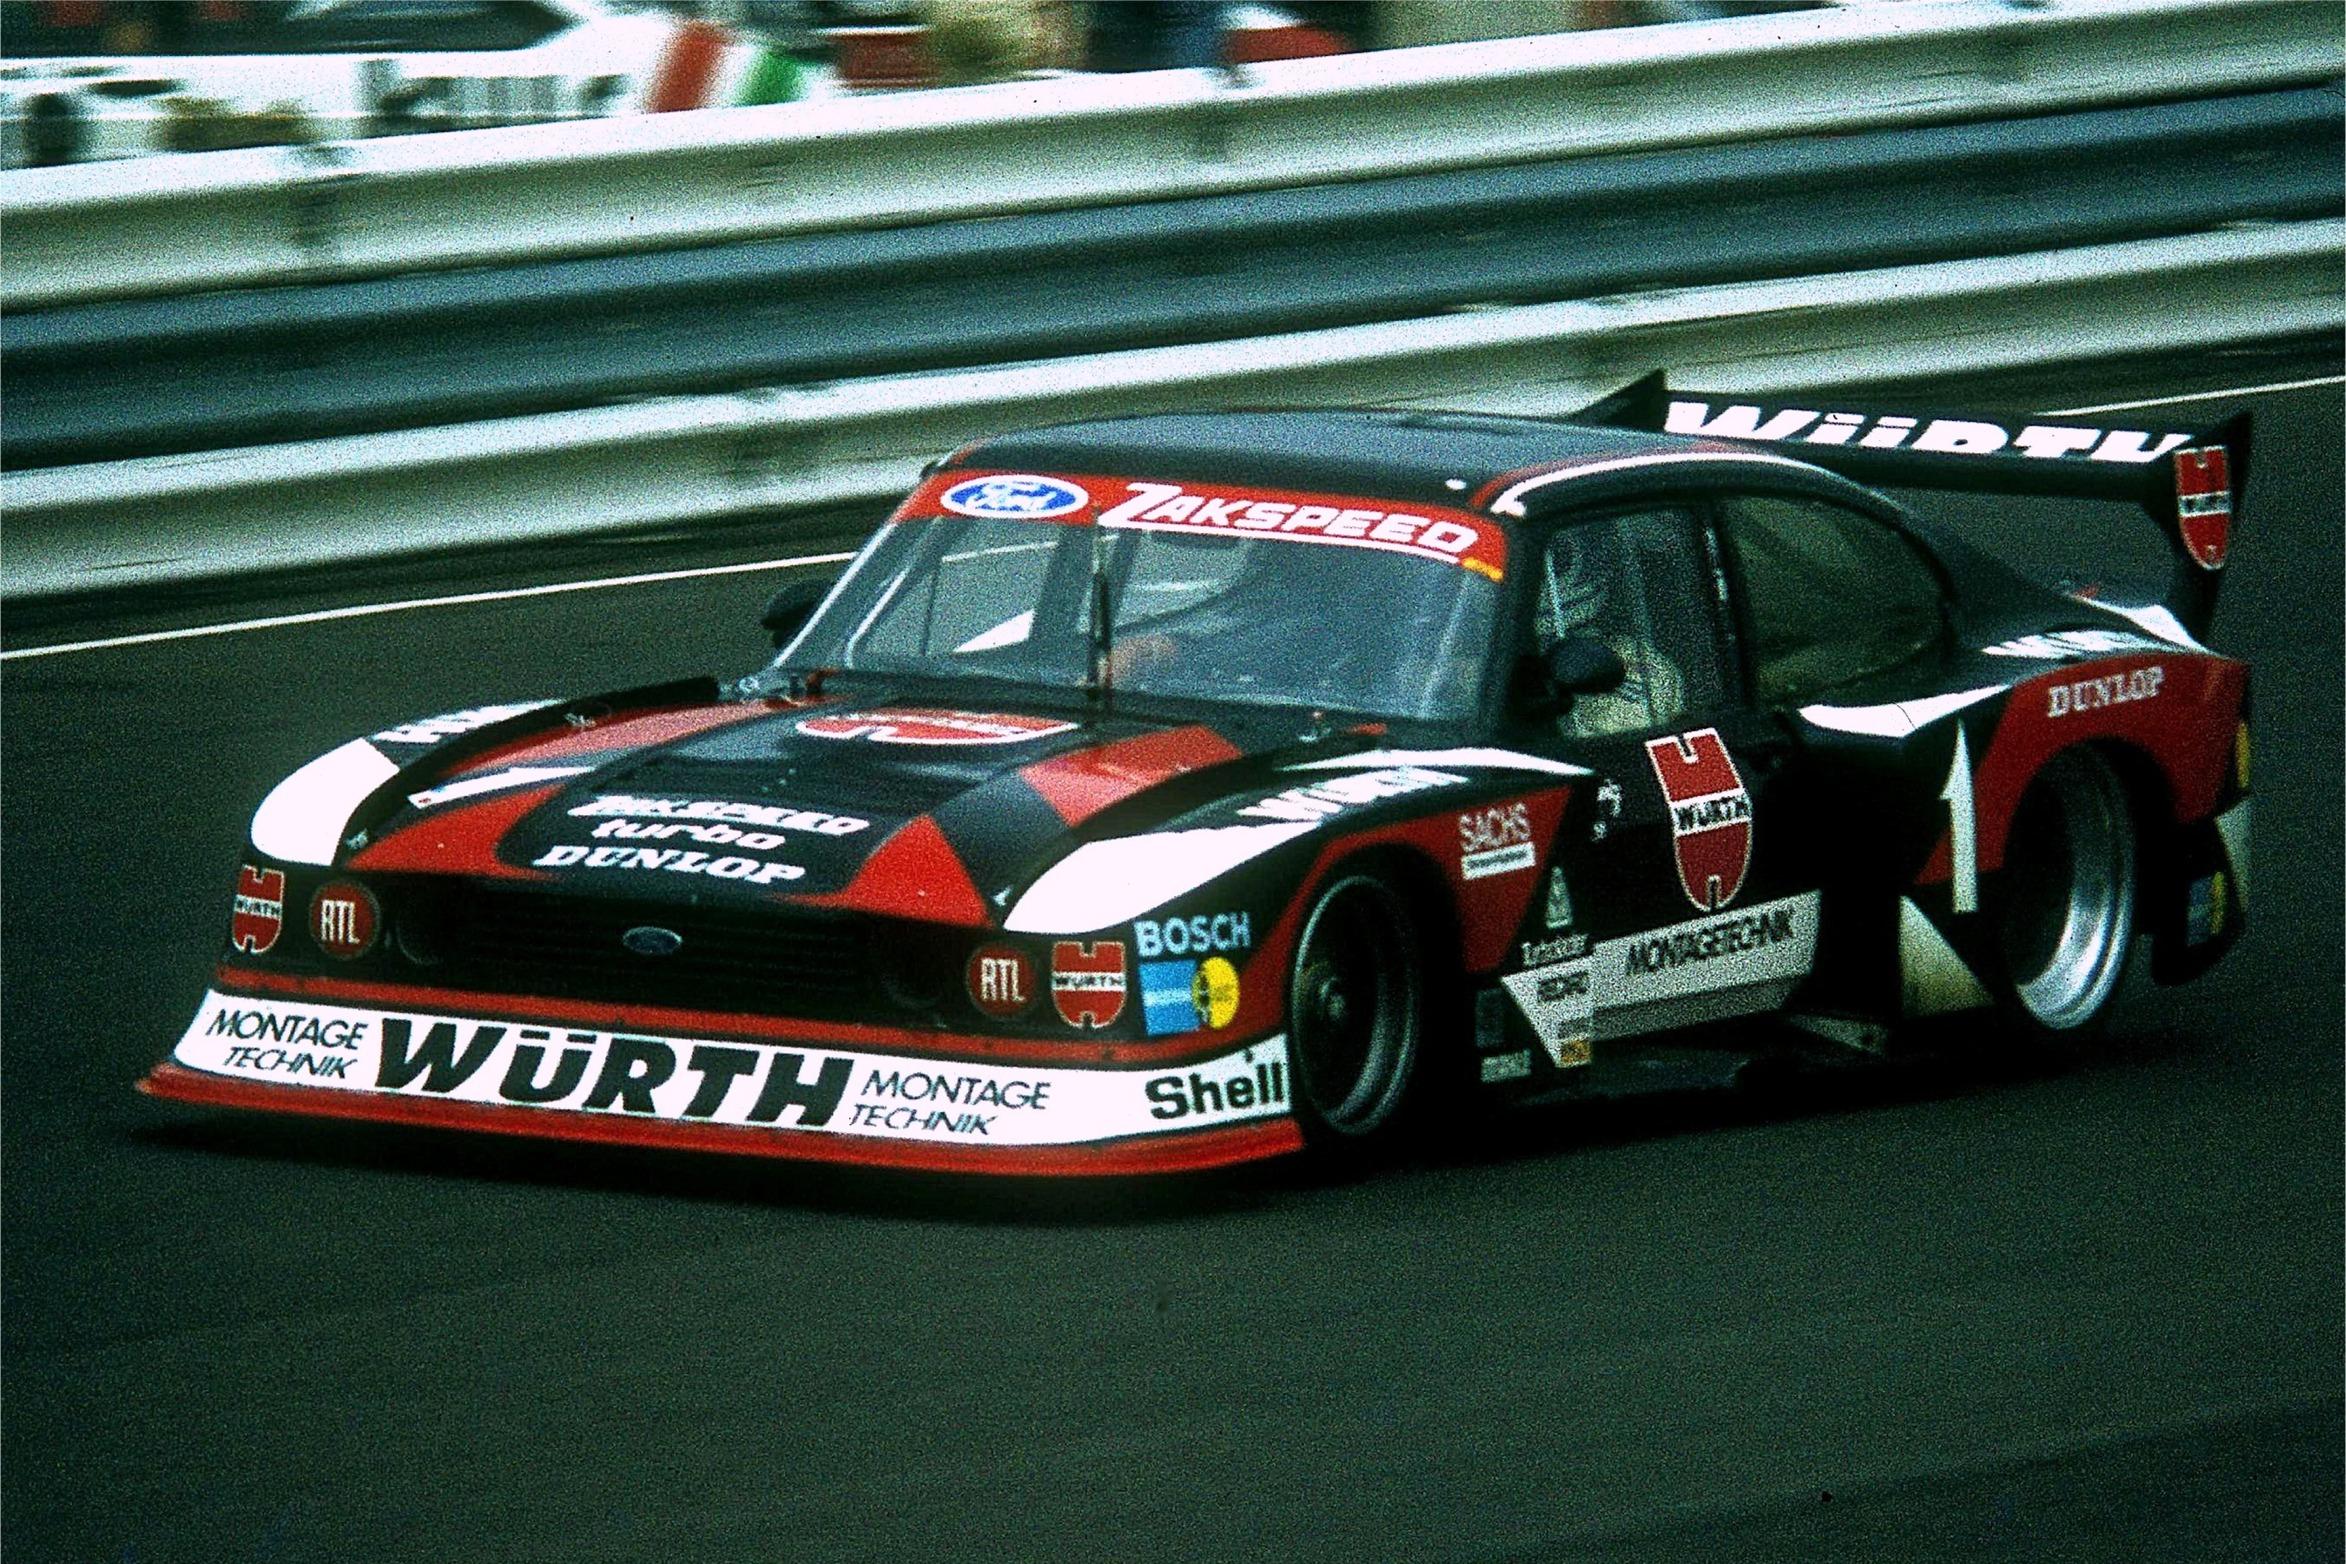 1980-05-24_Jochen_Mass_im_Ford_Capri_Turbo